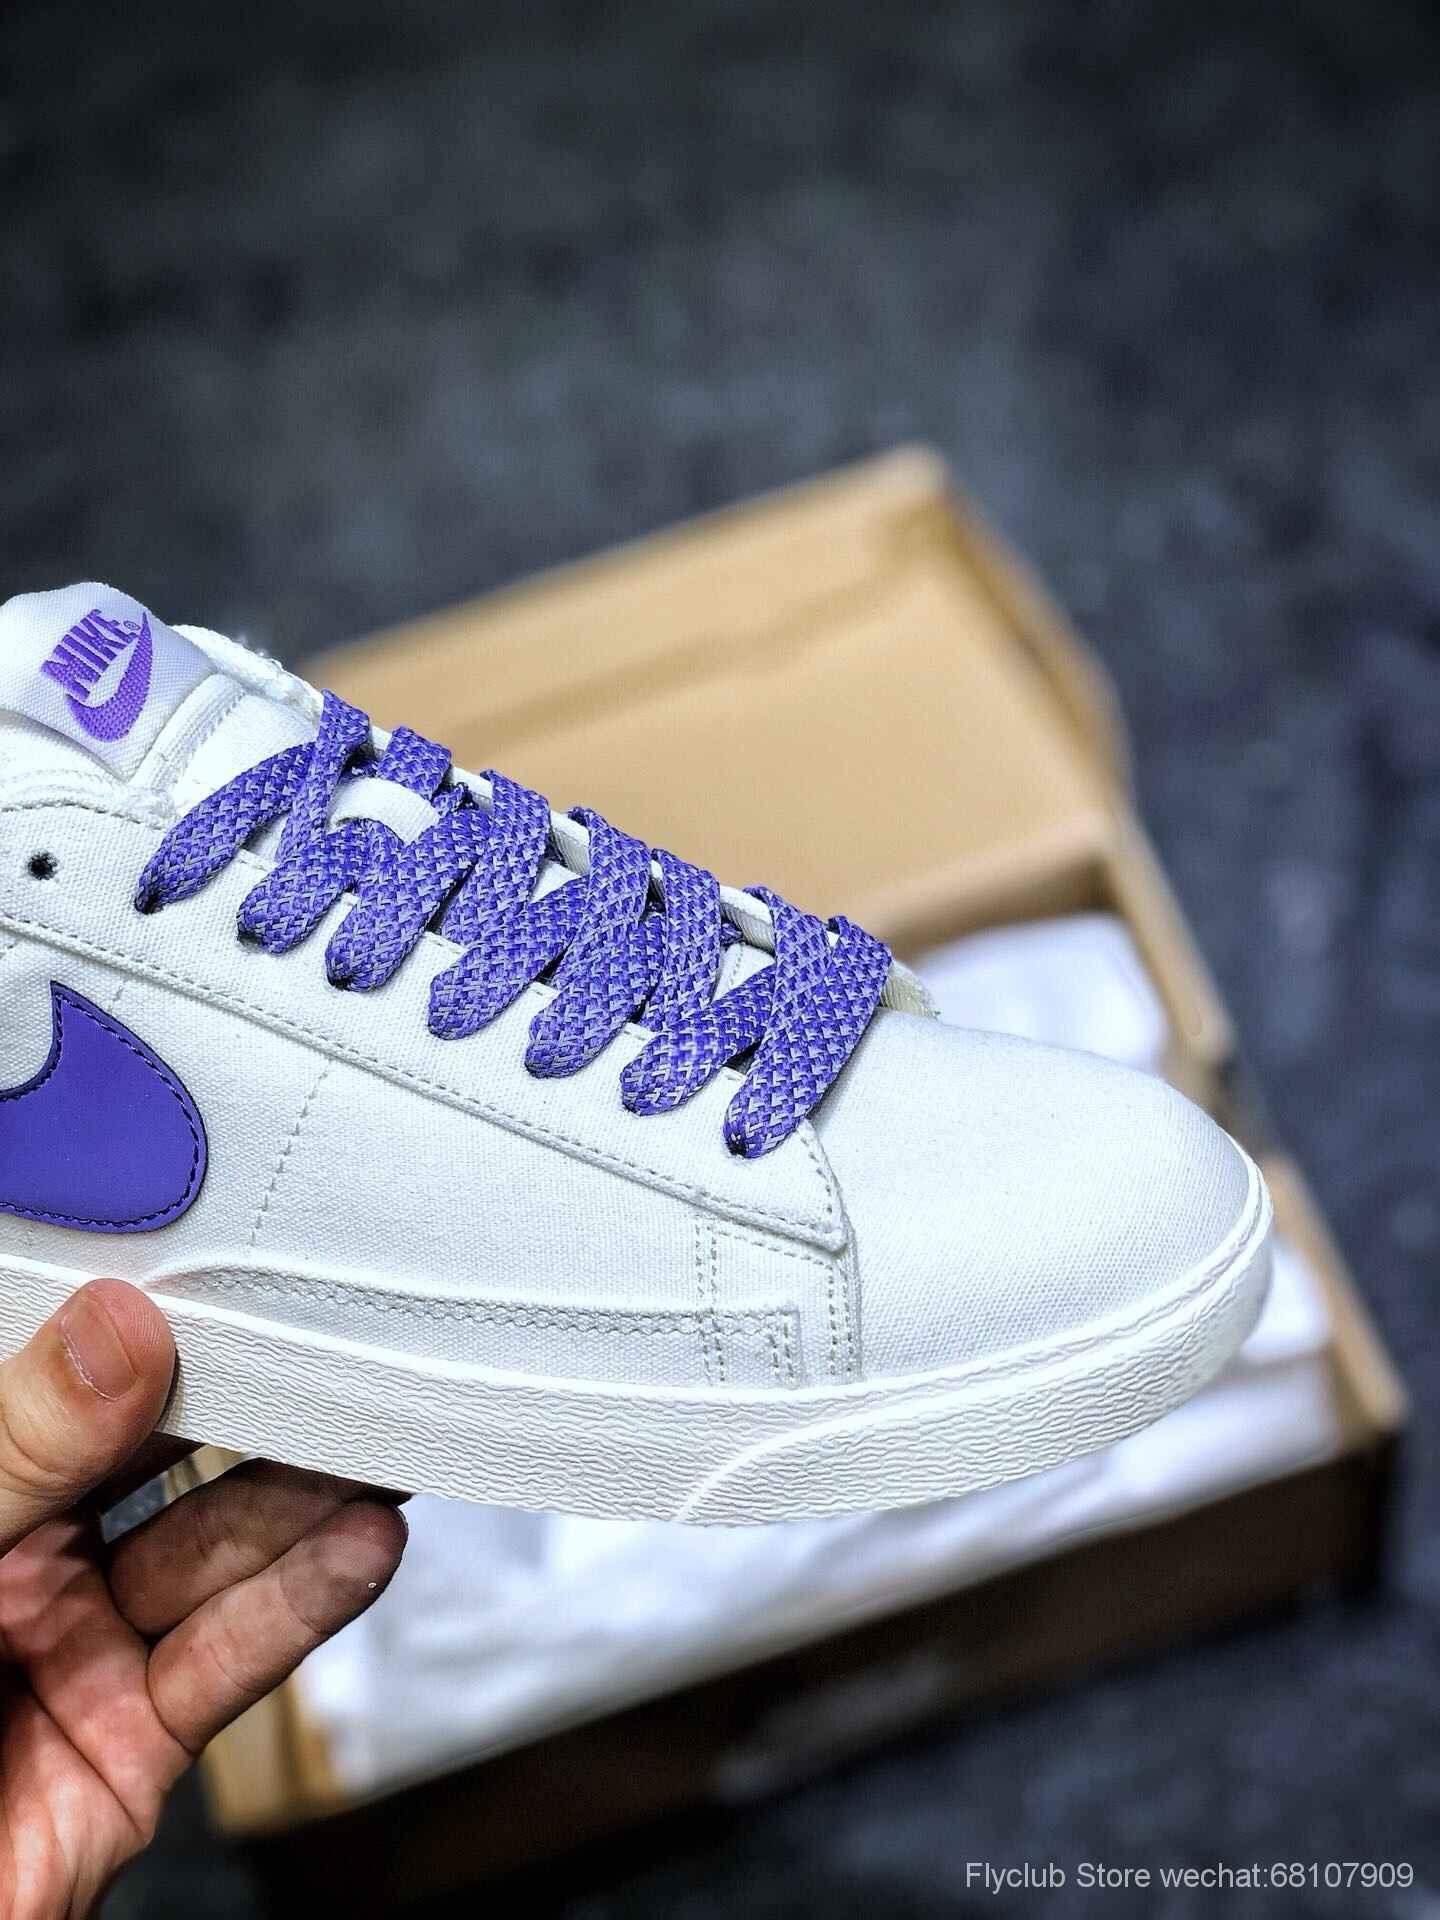 开拓者板鞋 素雅风 白紫 NK BLAZER LOW LX 3D立体logo低帮板鞋 复古帆布货号:AV9371-117